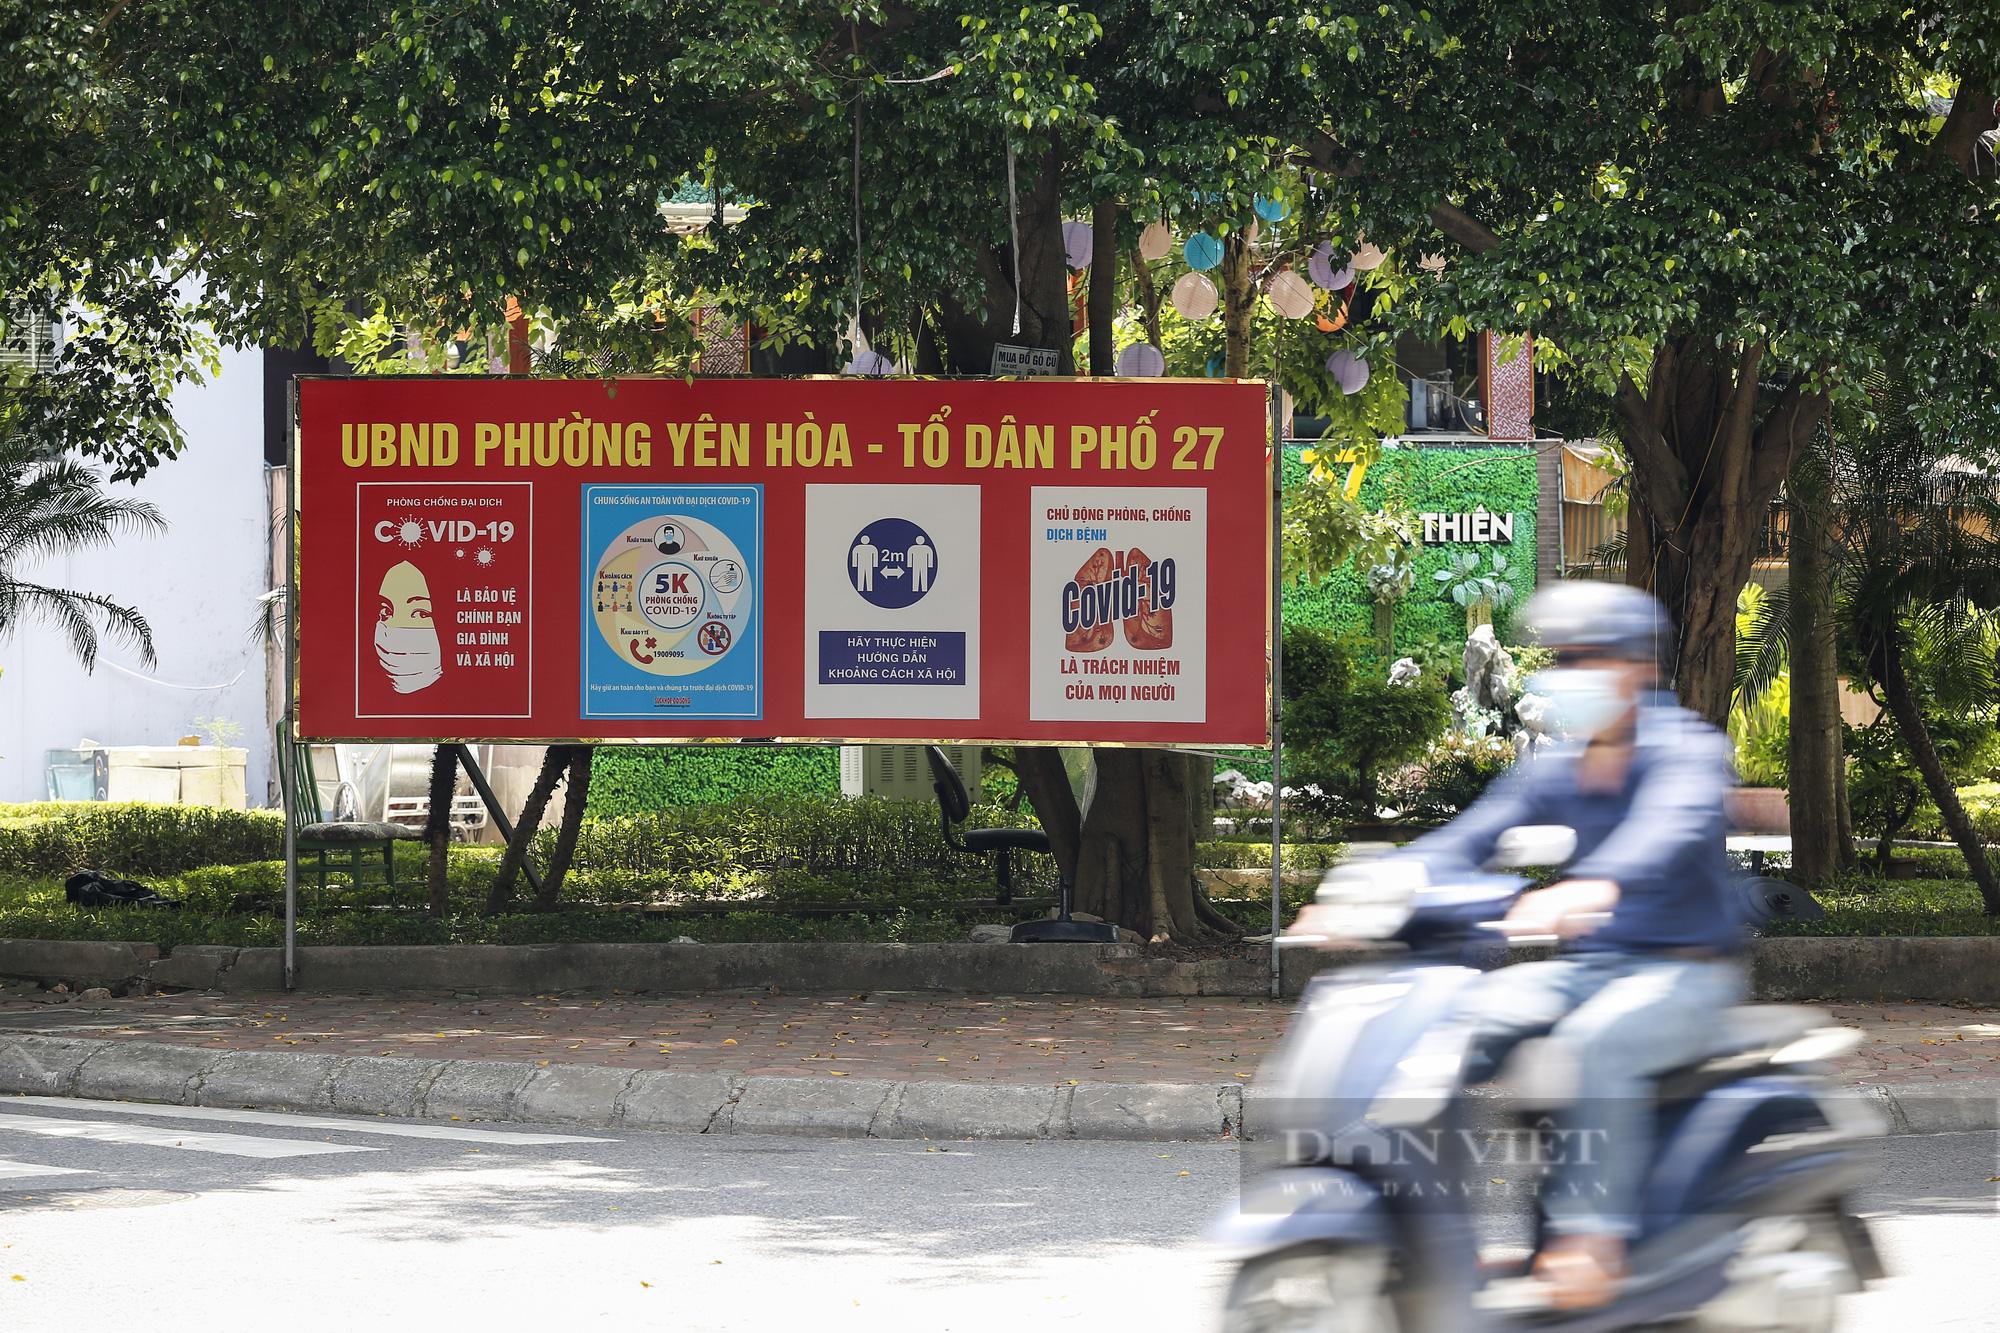 Đường phố Hà Nội xuất hiện những thông điệp tiếp thêm sức mạnh trong công tác phòng, chống Covid-19  - Ảnh 7.